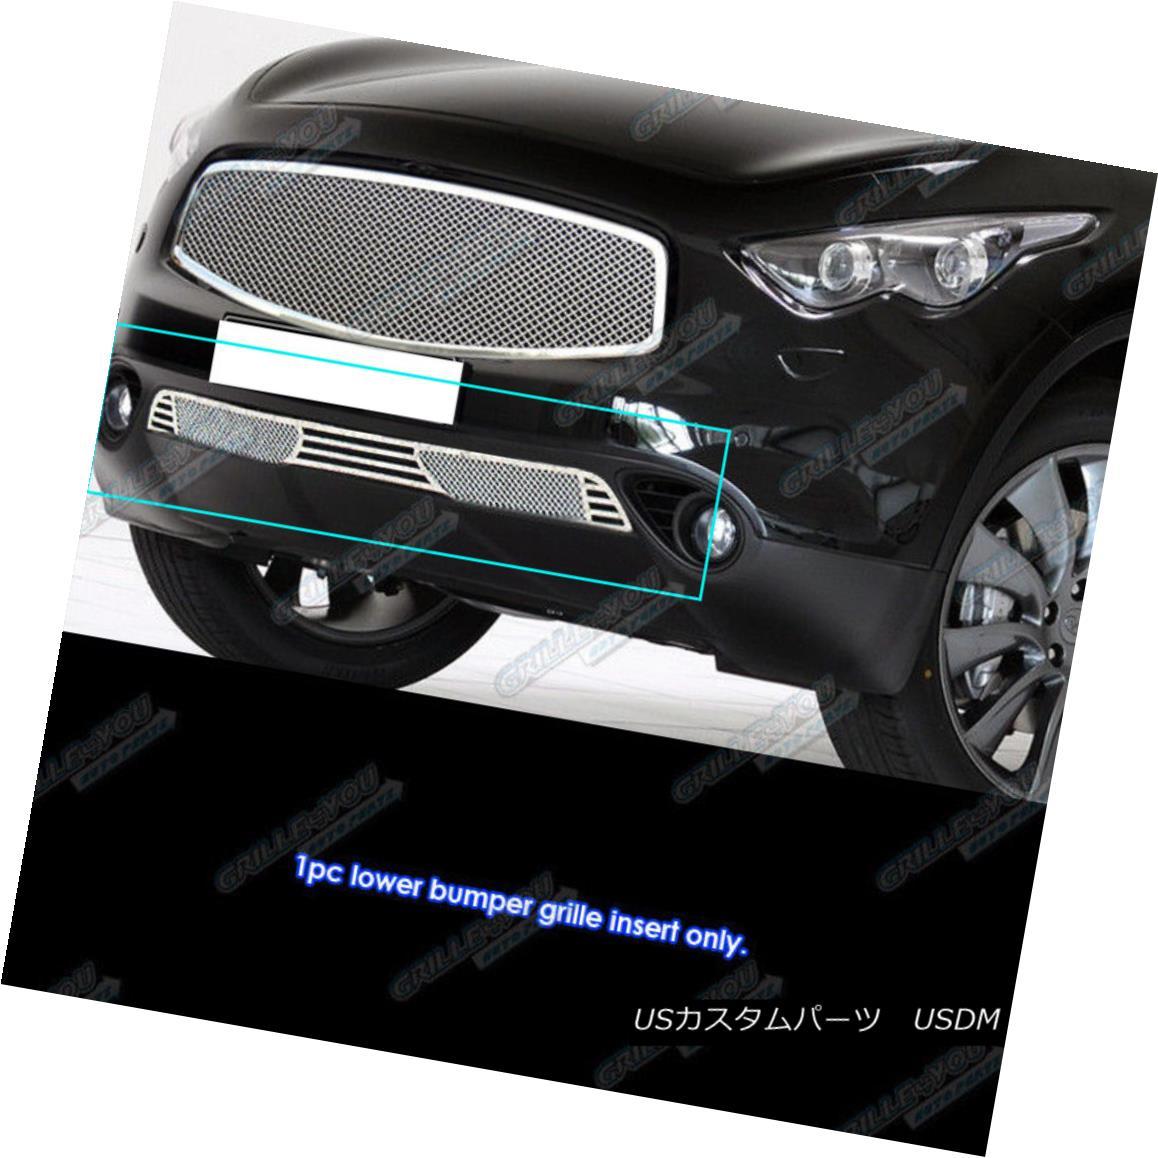 グリル Fits 2009-2010 Infiniti FX35/FX50 Bumper Stainless Mesh Grille フィット2009-2010インフィニティFX35 / FX50バンパーステンレスメッシュグリル